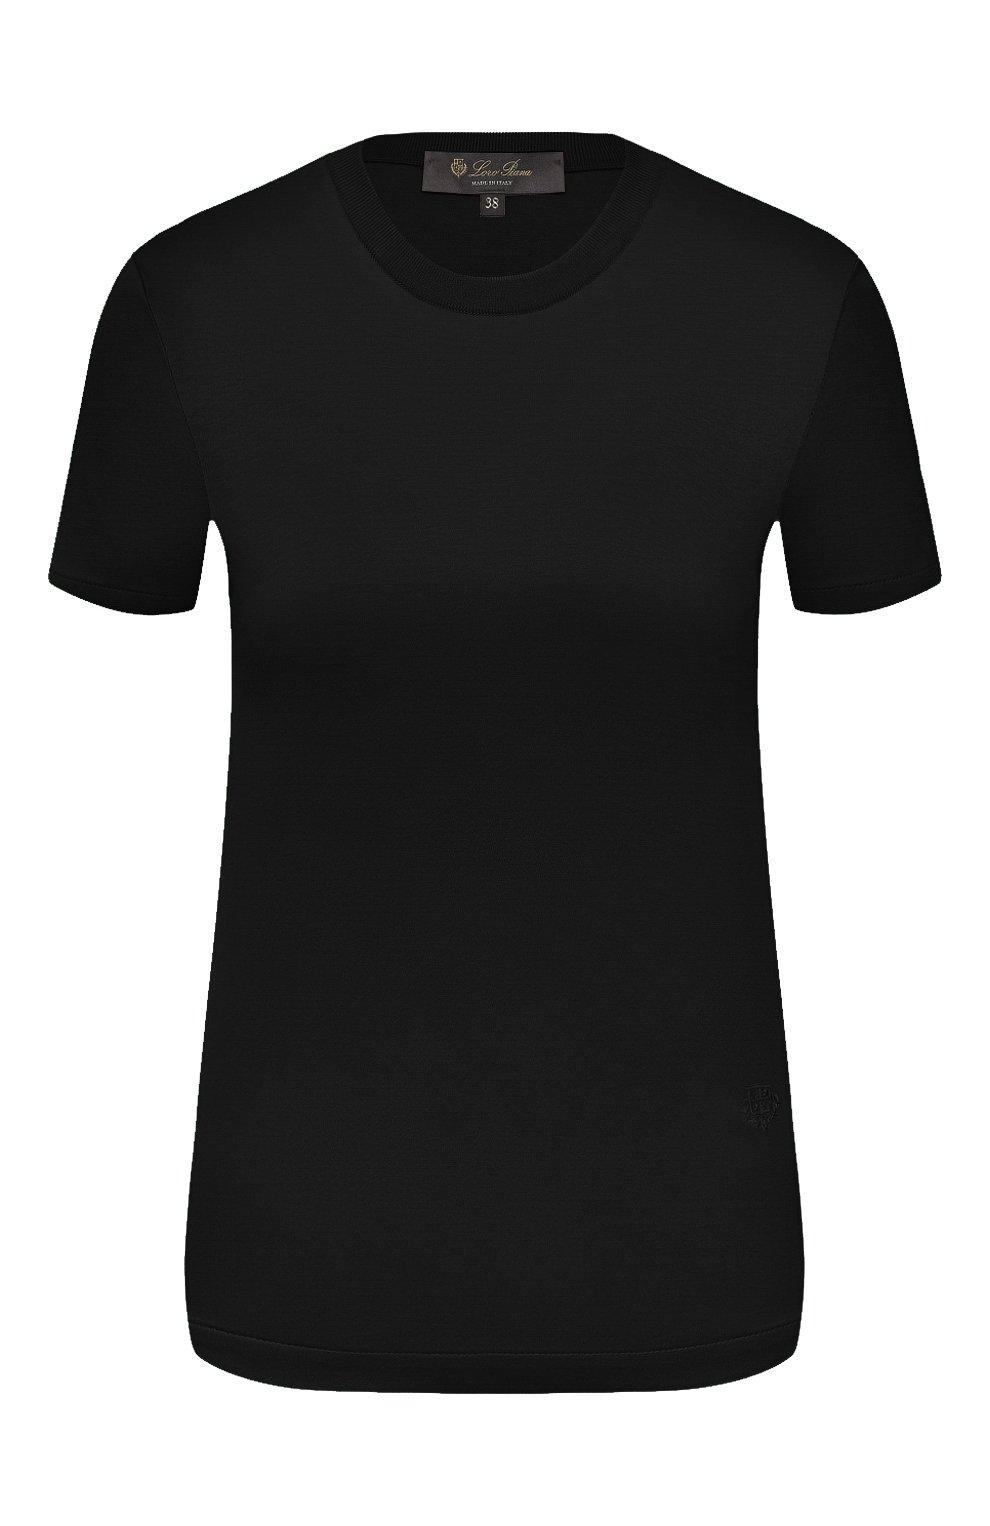 Женская хлопковая футболка LORO PIANA темно-синего цвета, арт. FAI5069   Фото 1 (Принт: Без принта; Рукава: Короткие; Длина (для топов): Стандартные; Материал внешний: Хлопок; Стили: Классический, Минимализм, Кэжуэл)